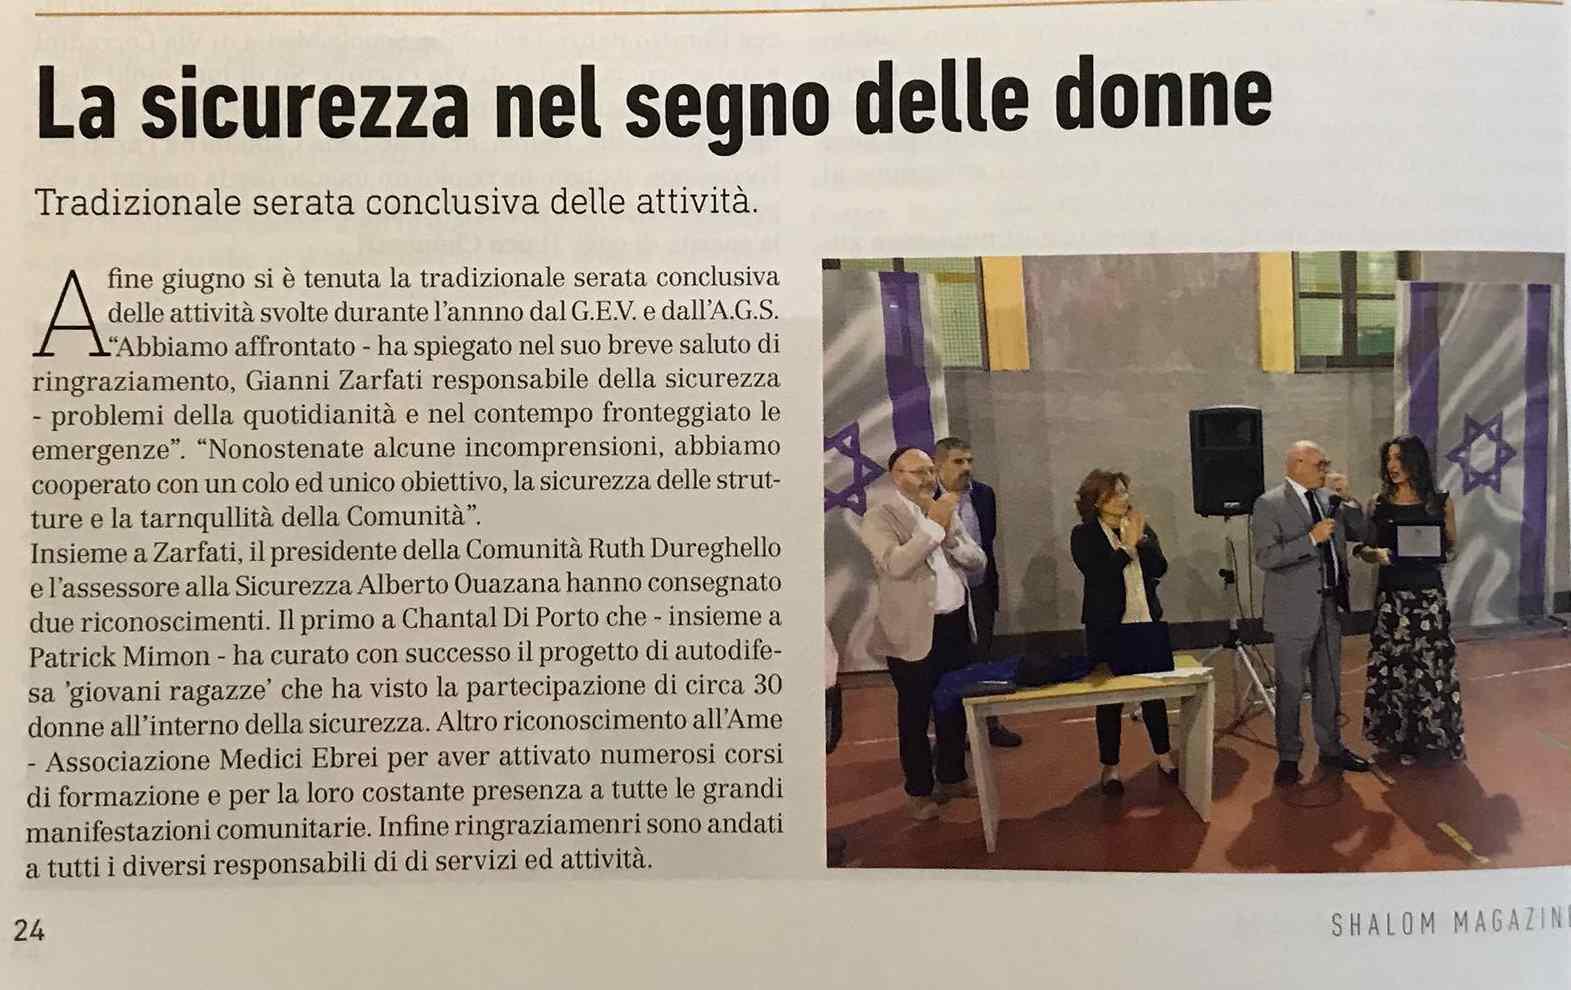 Roma-Un riconoscimento per AME